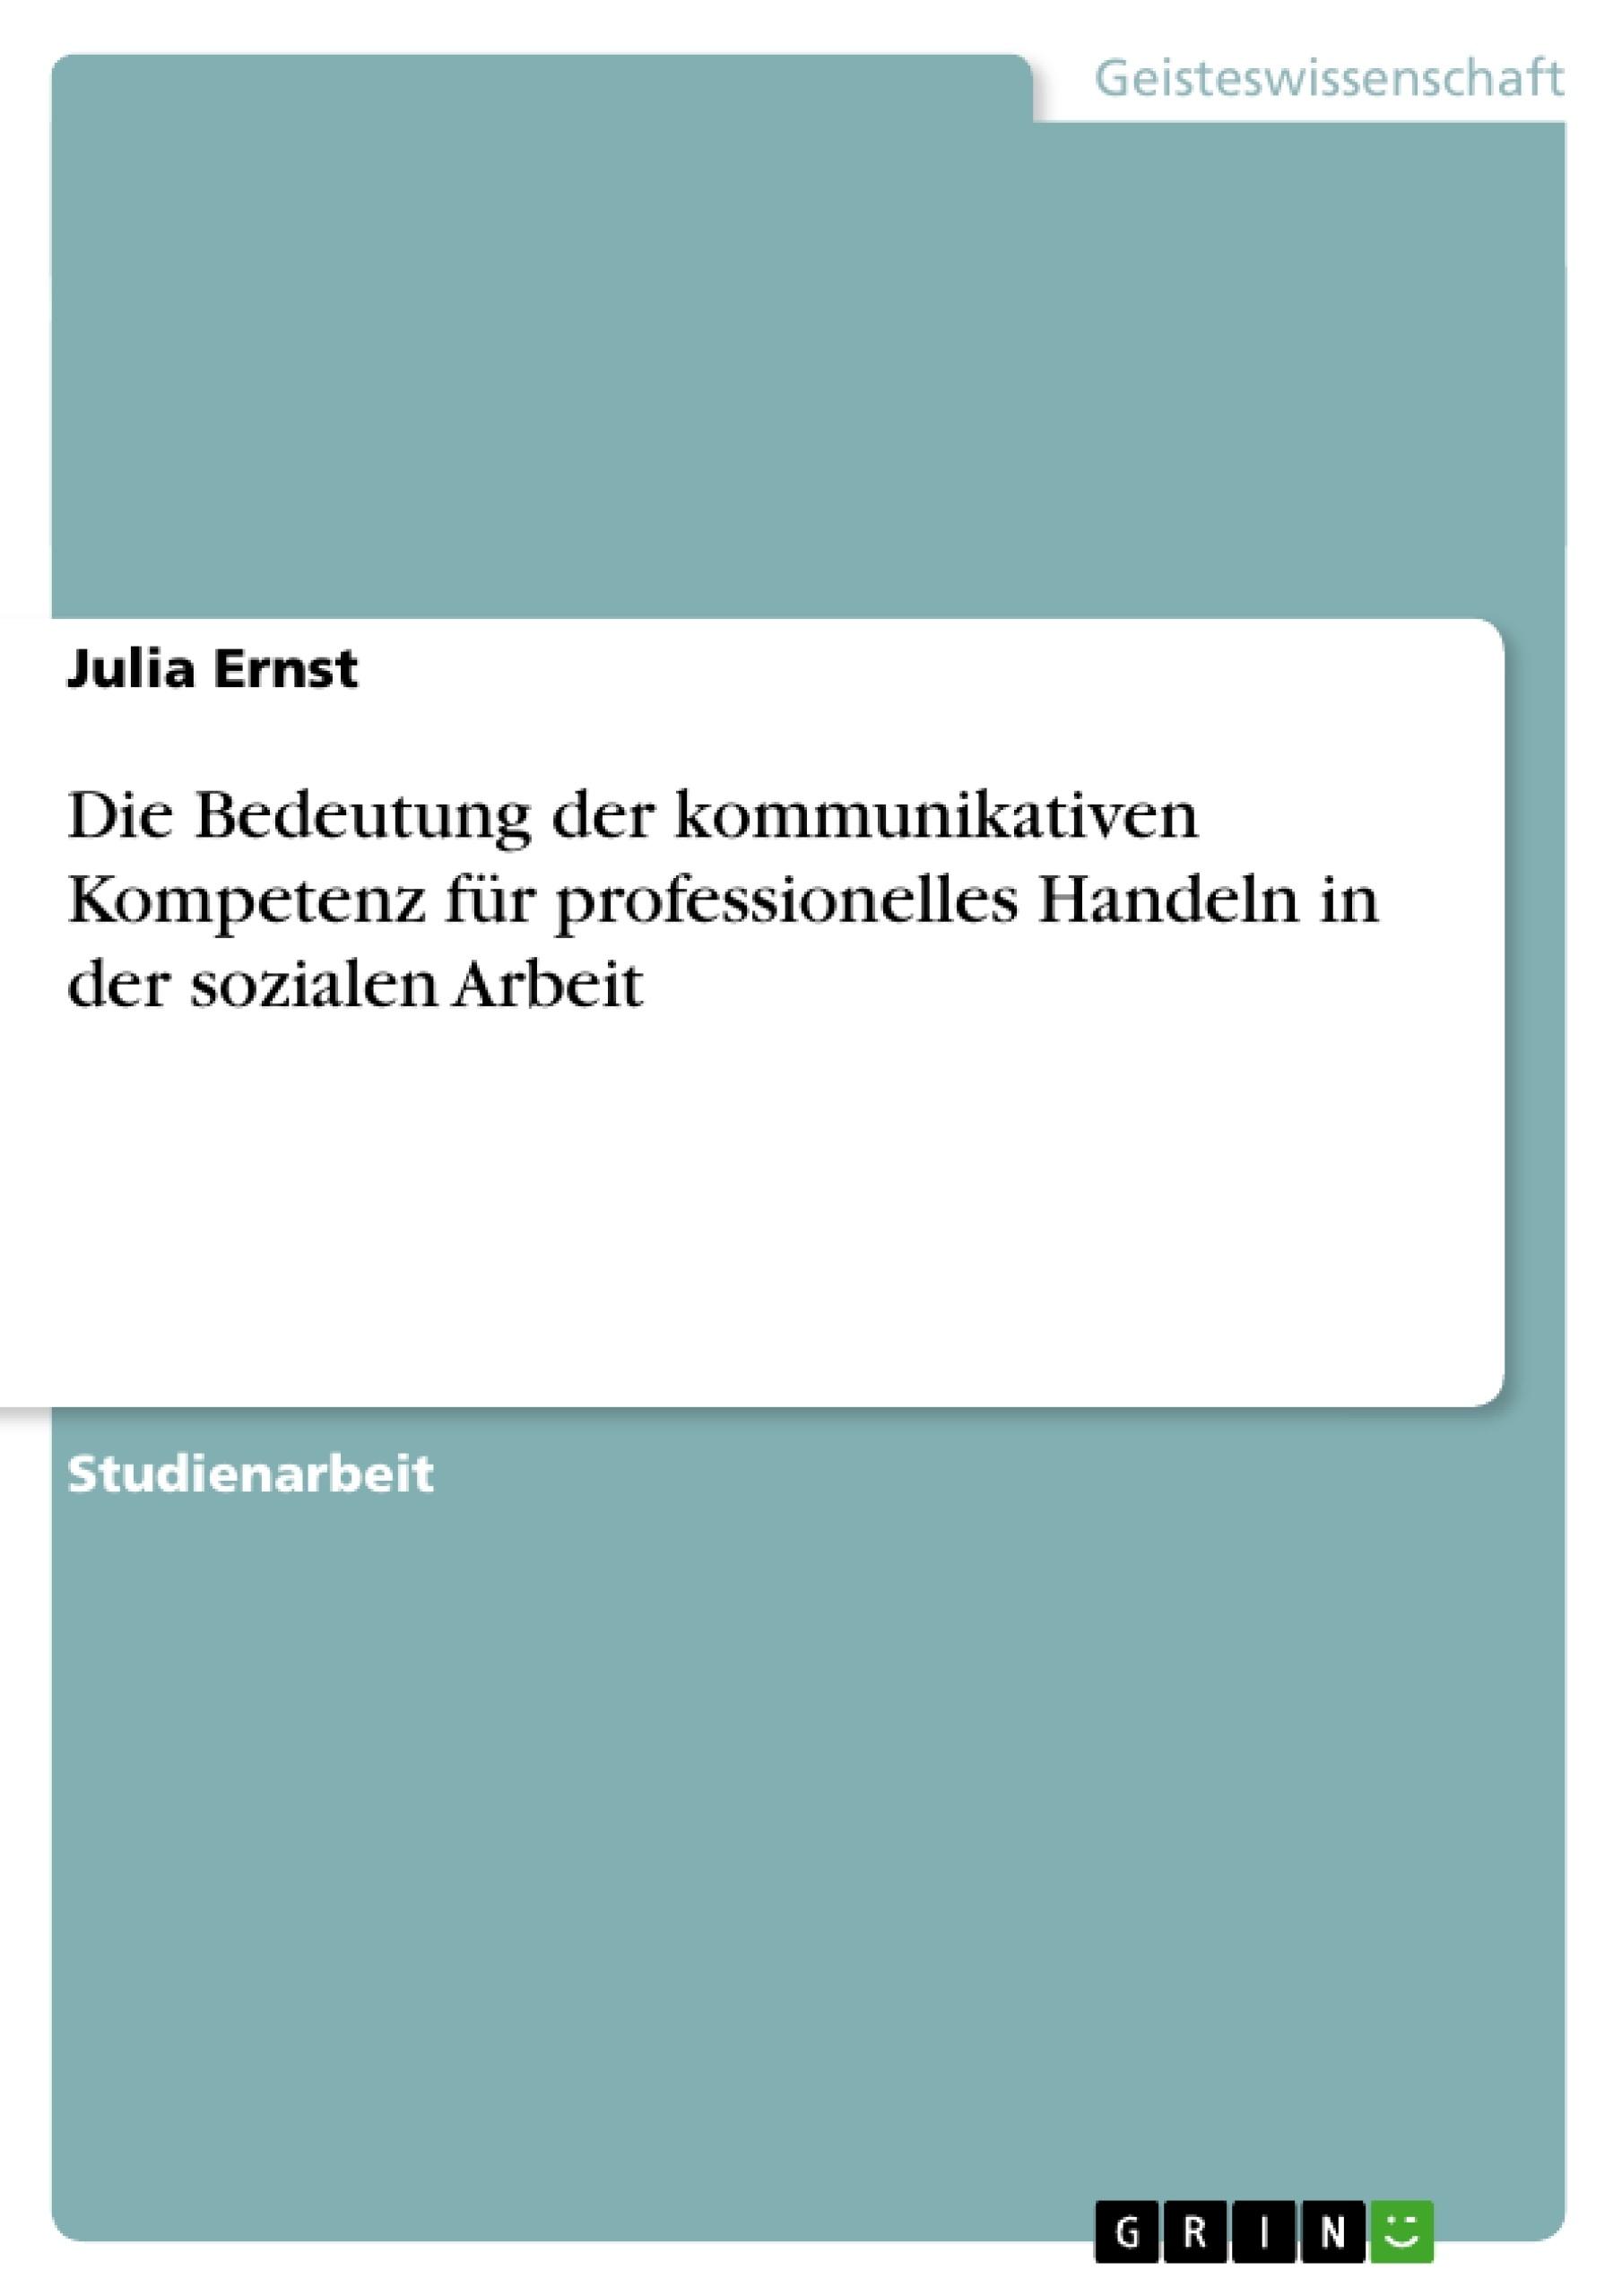 Titel: Die Bedeutung der kommunikativen Kompetenz für professionelles Handeln in der sozialen Arbeit